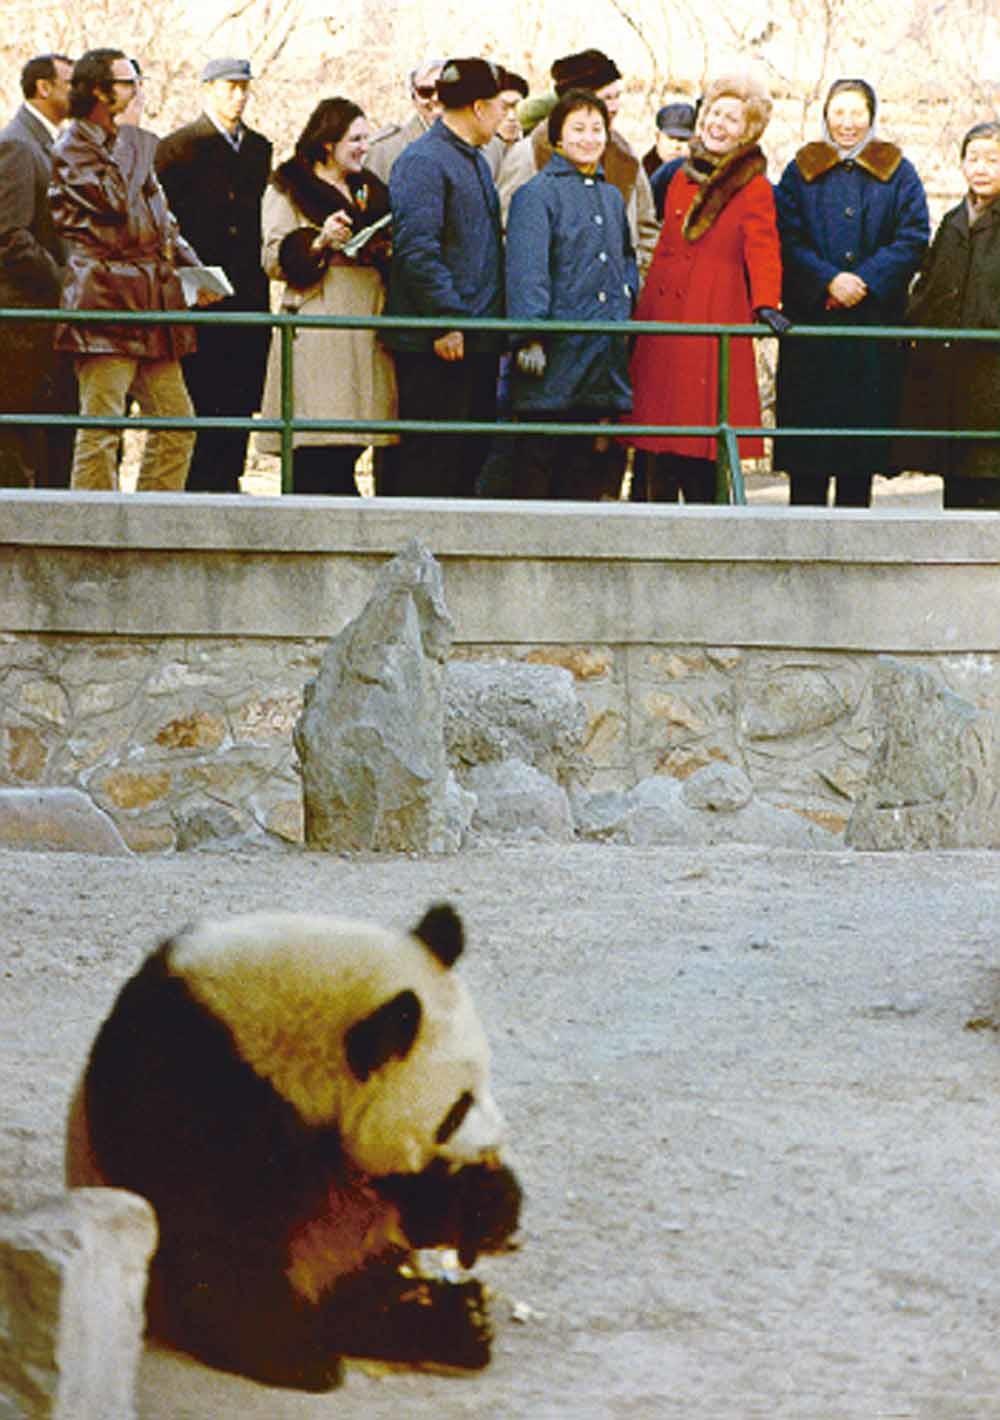 In 1972 bracht Pat Nixon, de toenmalige first lady van de Verenigde Staten, een bezoek aan het pandaverblijf in de dierentuin van Beijing.